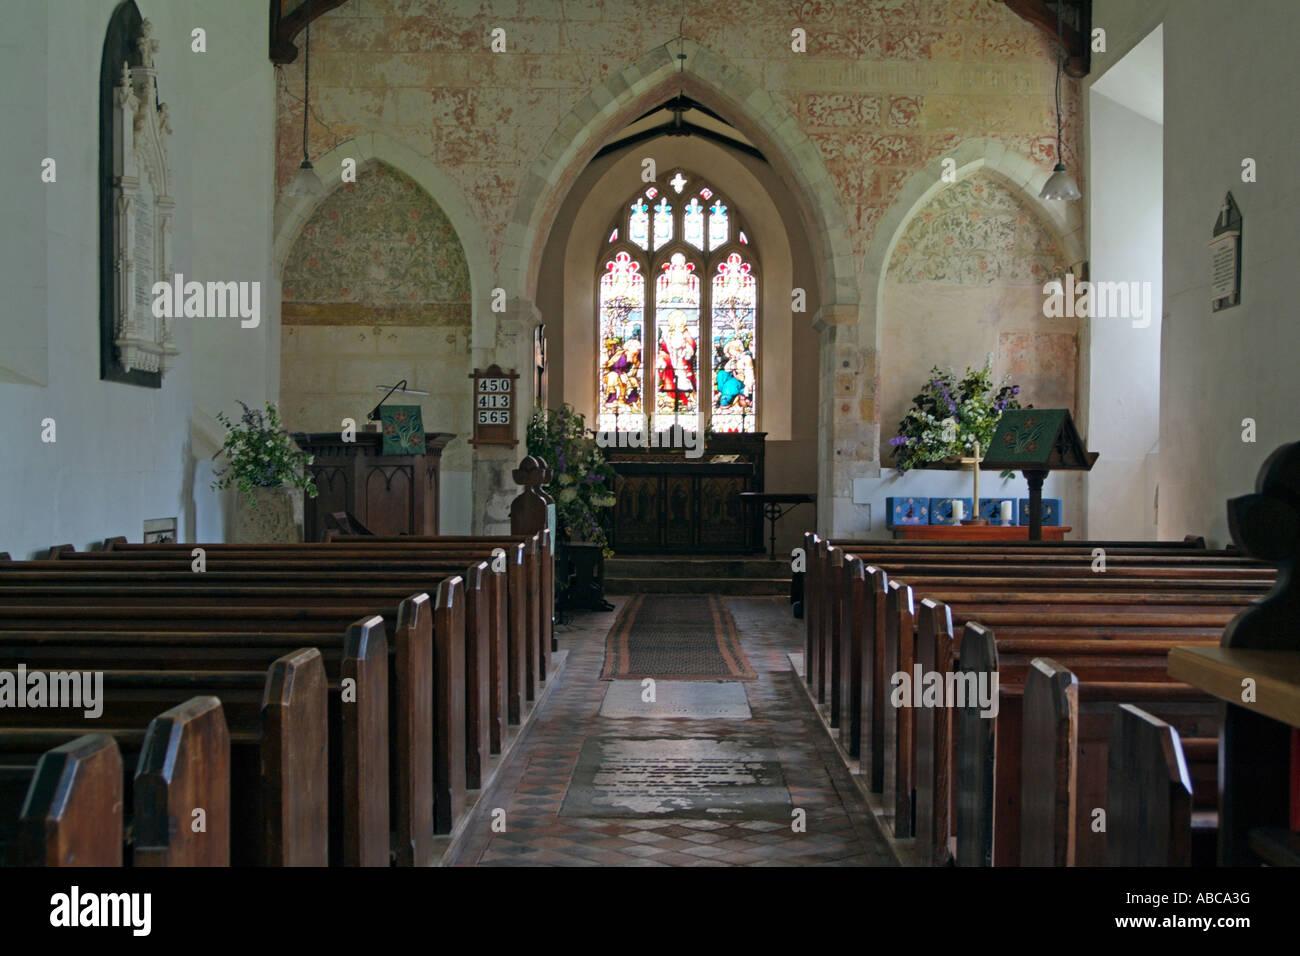 Jane Austen nació en Steventon Su padre fue Rector de la Iglesia de San Nicolás del siglo 12 Steventon Imagen De Stock